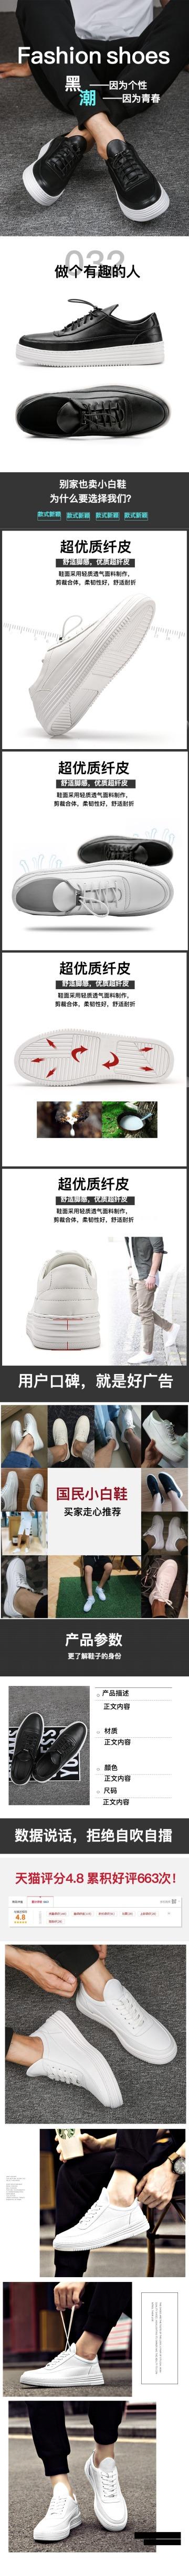 时尚简约国民小白鞋电商详情图